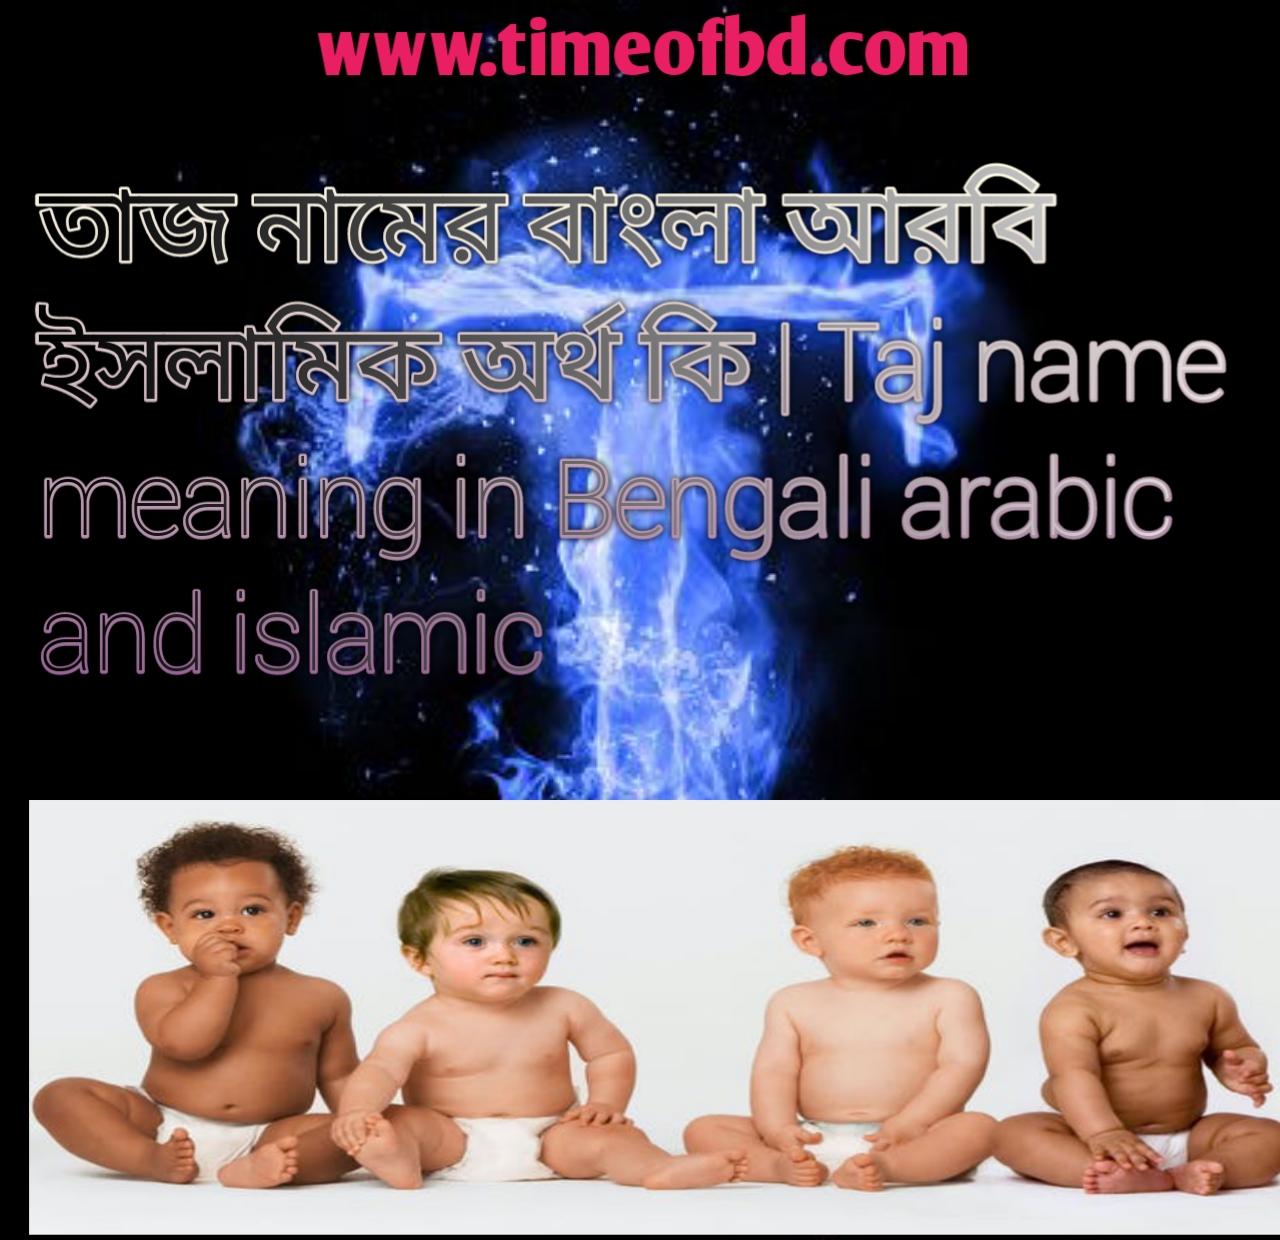 তাজ নামের অর্থ কি, তাজ নামের বাংলা অর্থ কি, তাজ নামের ইসলামিক অর্থ কি, Taj name meaning in Bengali, তাজ কি ইসলামিক নাম,